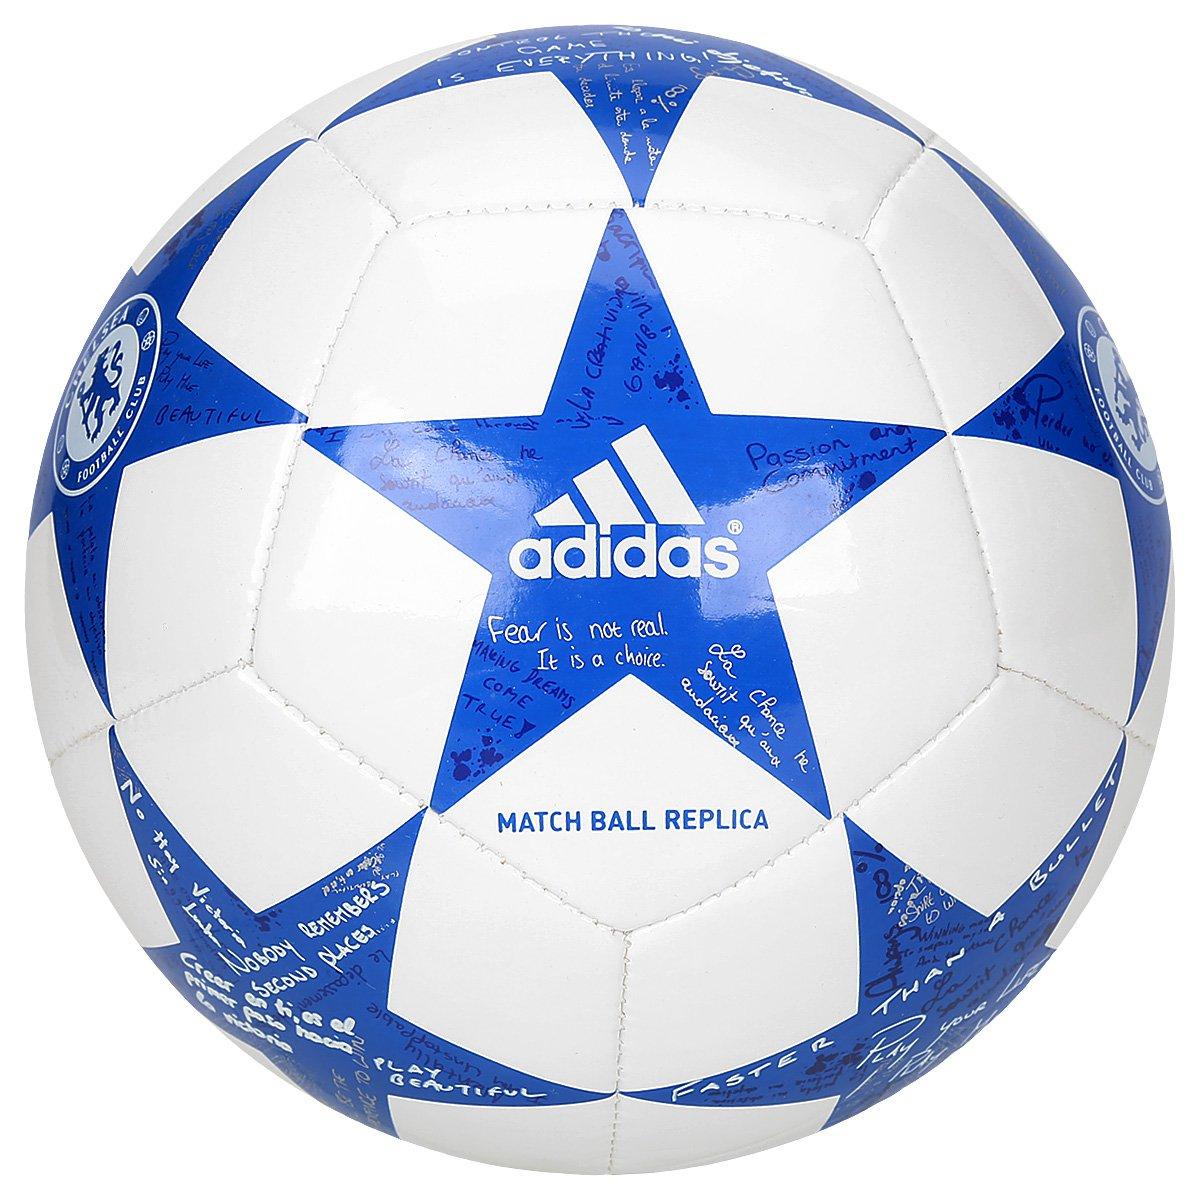 Mini Bola Chelsea Adidas Futebol UEFA Finale 2016 - Compre Agora ... ad5390a5a46e2